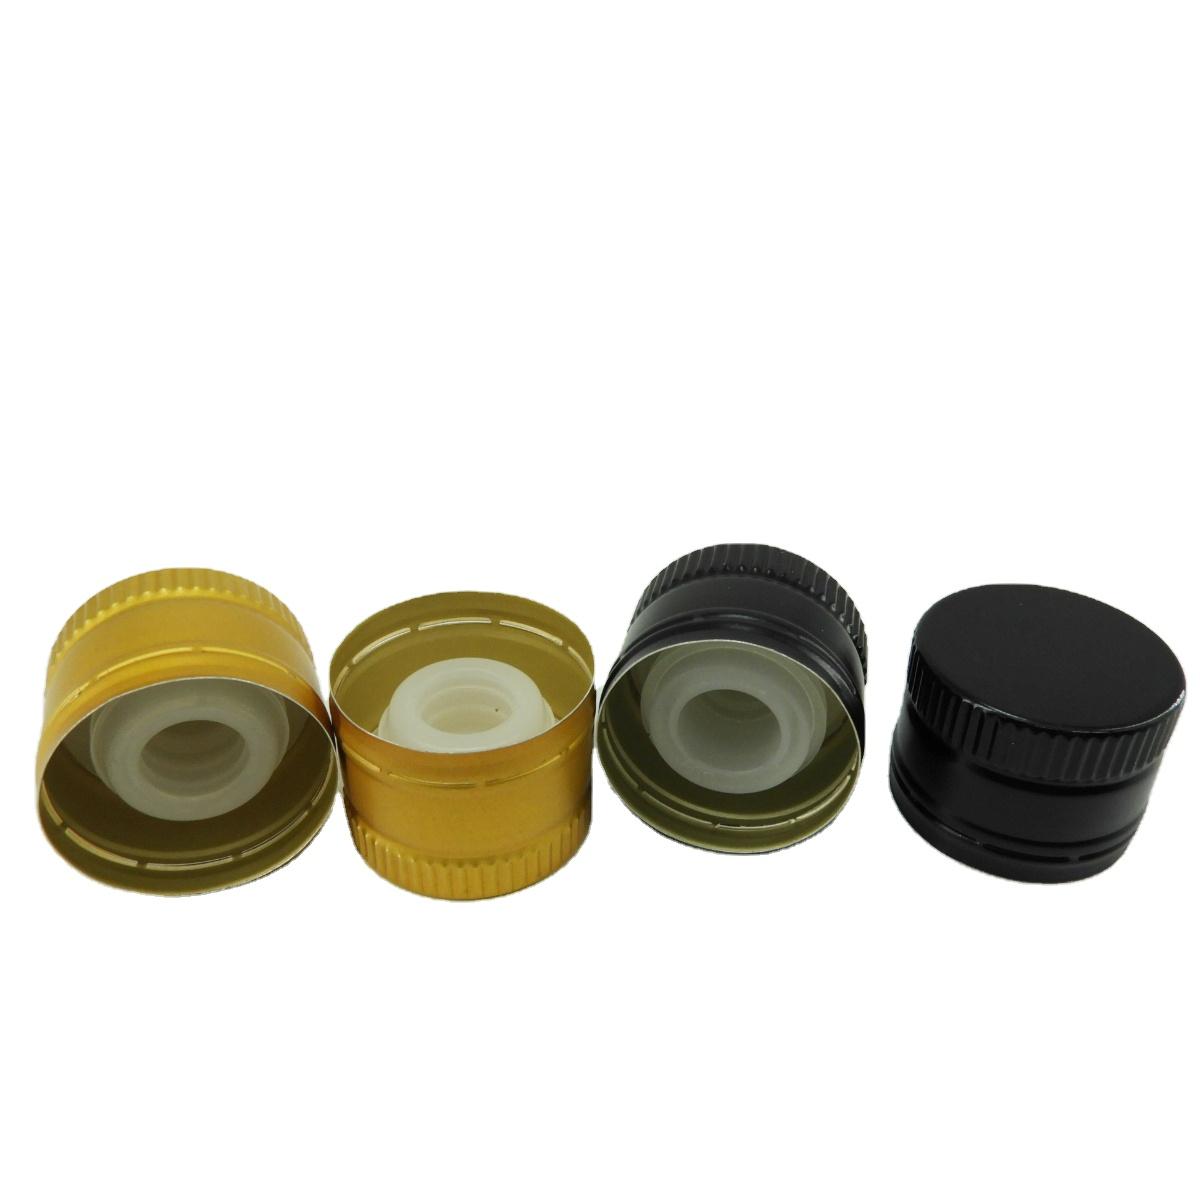 Алюминиевая крышка для бутылки с оливковым маслом с логотипом на заказ, 31,5*24 мм, крышки для бутылок Оптом, крышки для бутылок